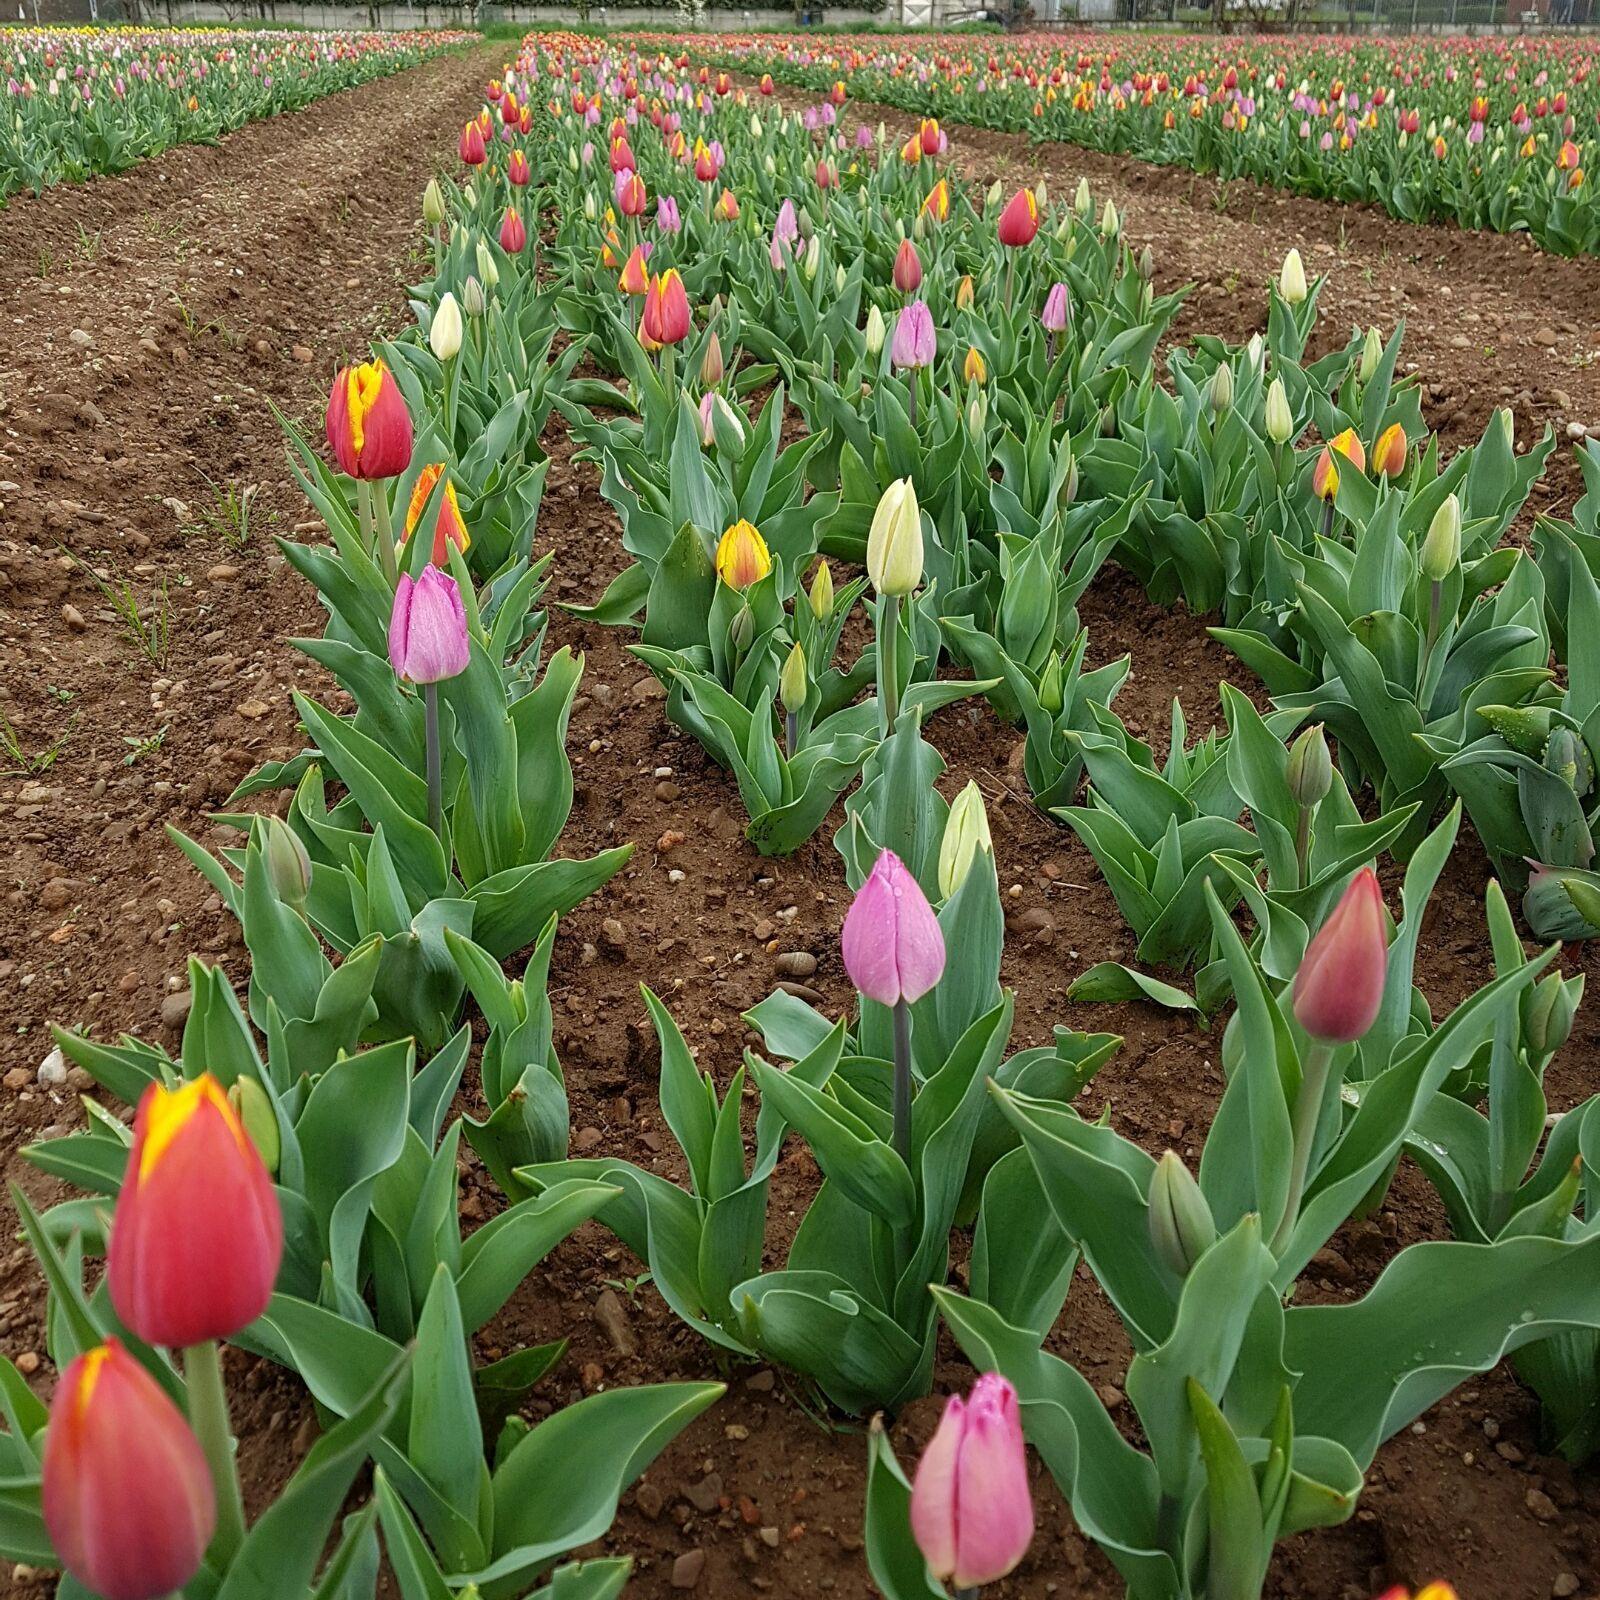 Tulipani a Milano, il campo è in fiore: 250mila fiori sbocciano a Cornaredo